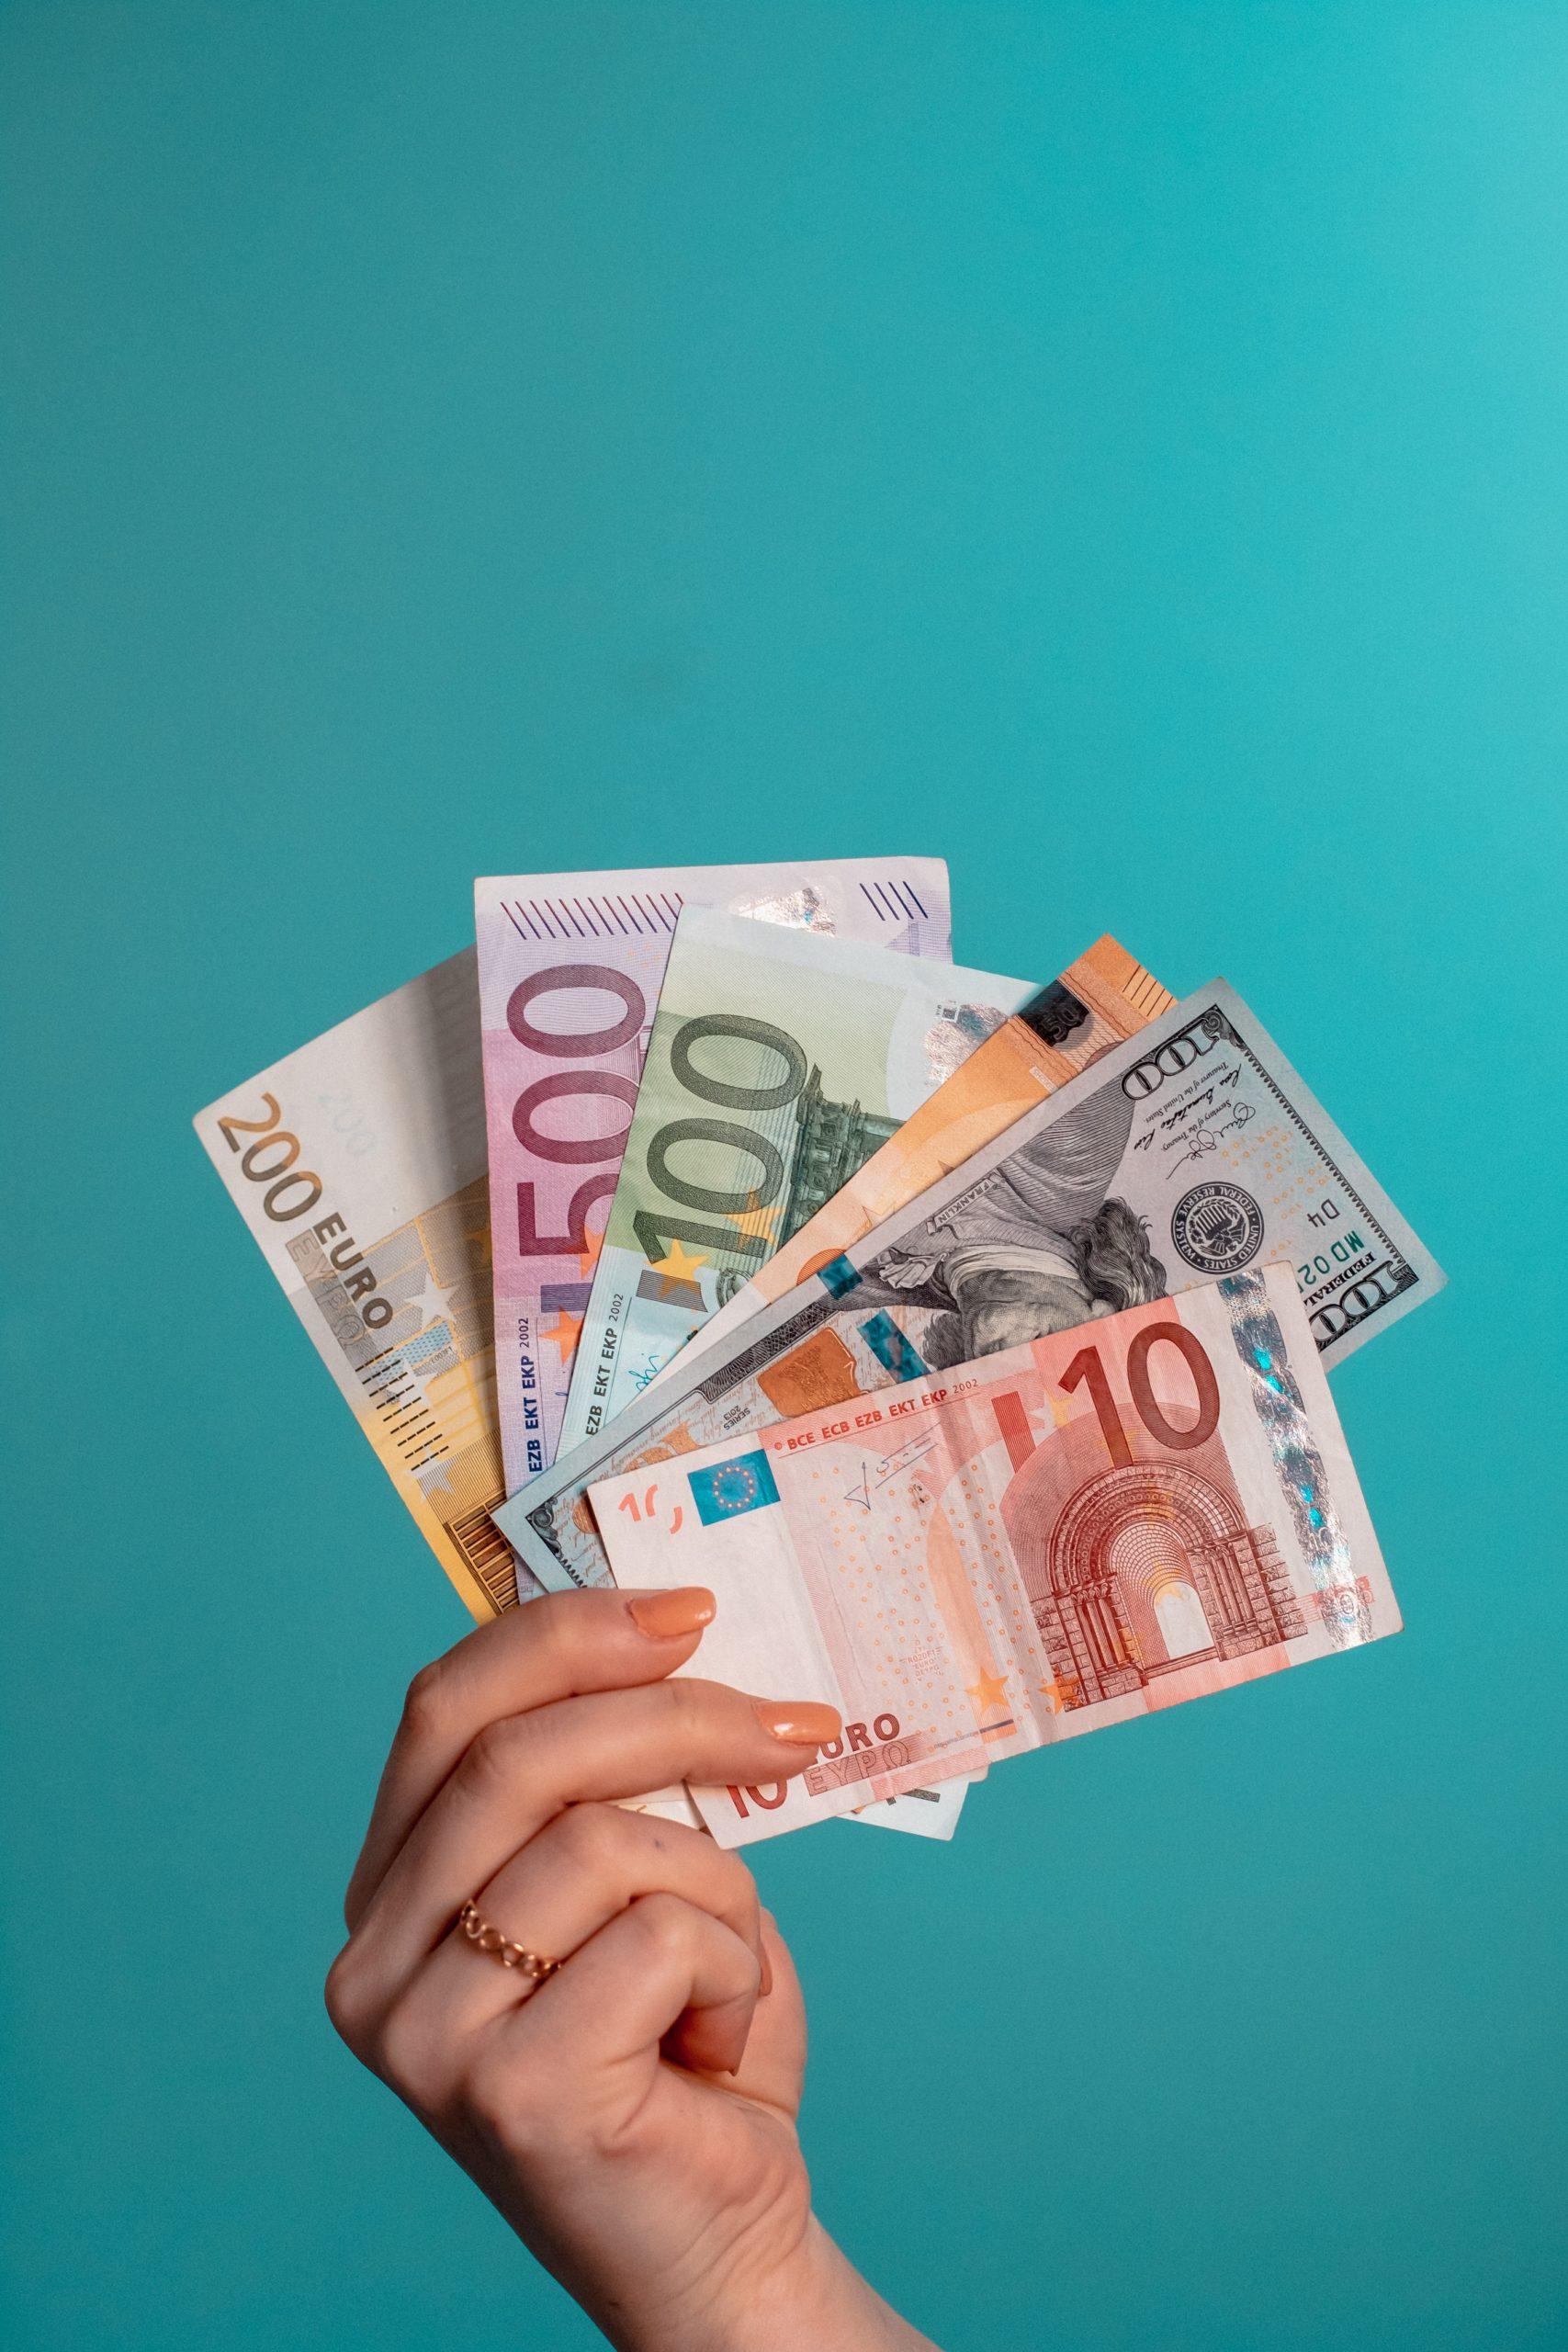 Fotograf von Omid Armin - Geld in der Hand